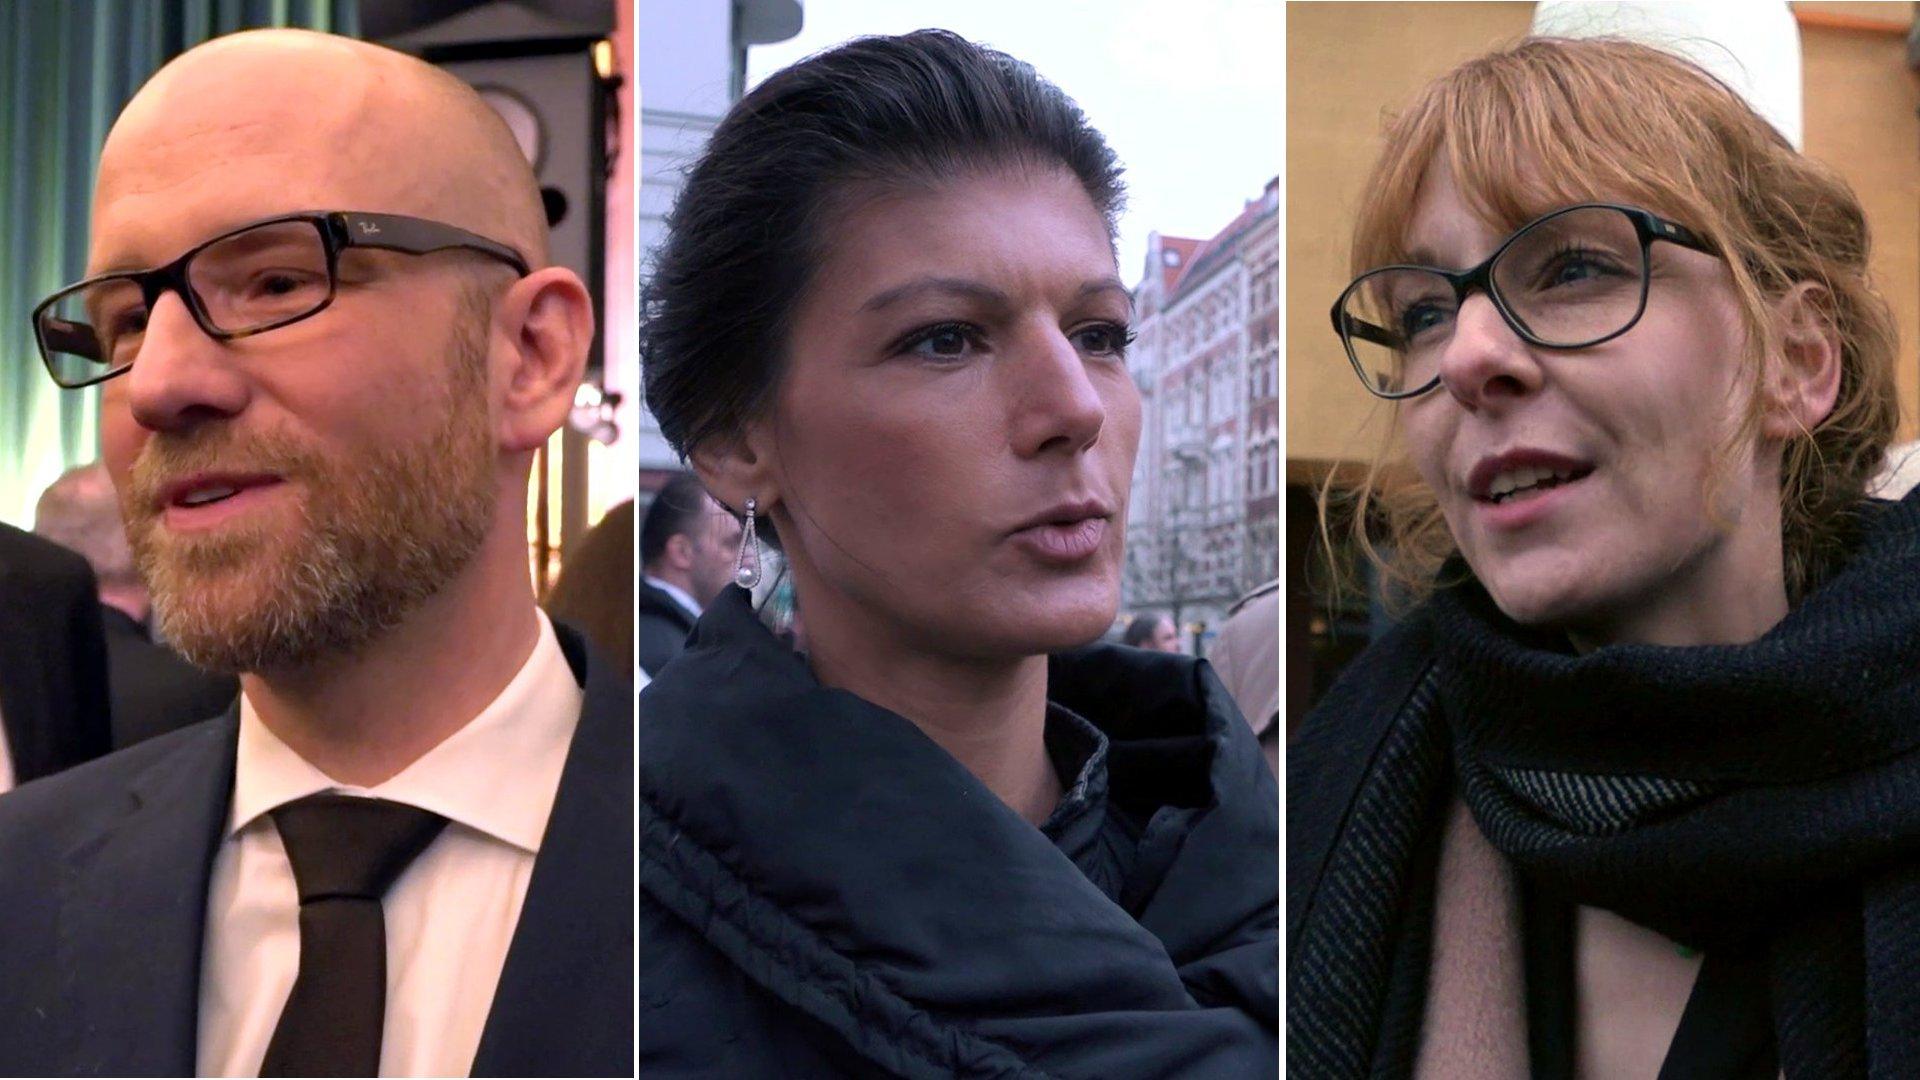 Braucht Politik Populismus? Umfrage unter Politikern und Journalisten